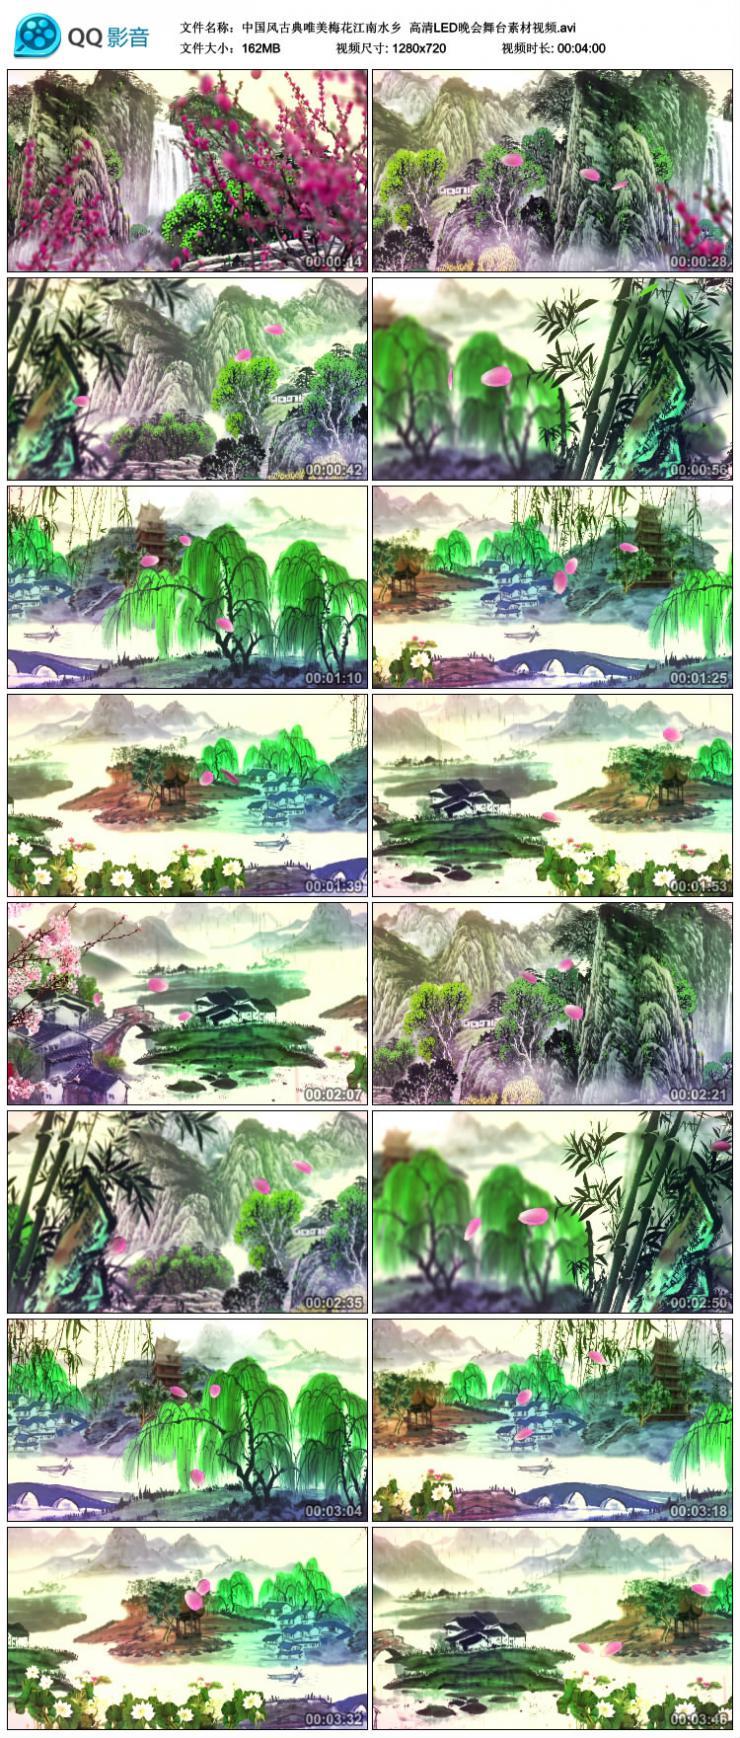 中国风古典唯美梅花江南水乡 高清LED晚会舞台素材视频